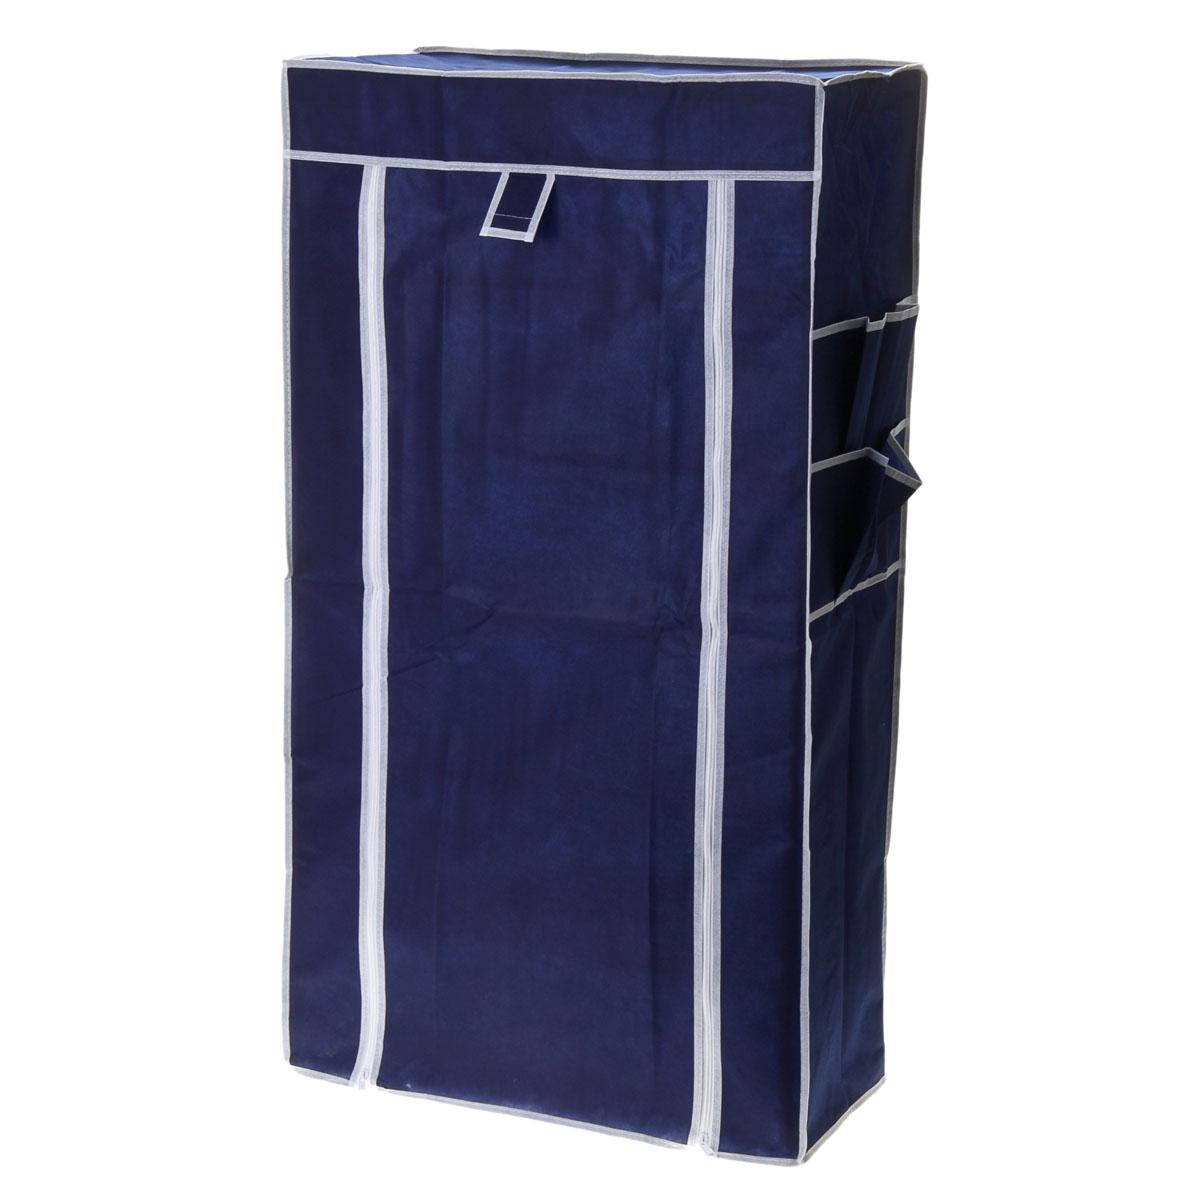 Полка для обуви, 6 ярусов, цвет: синий, 60 см х 30 см х 105 см